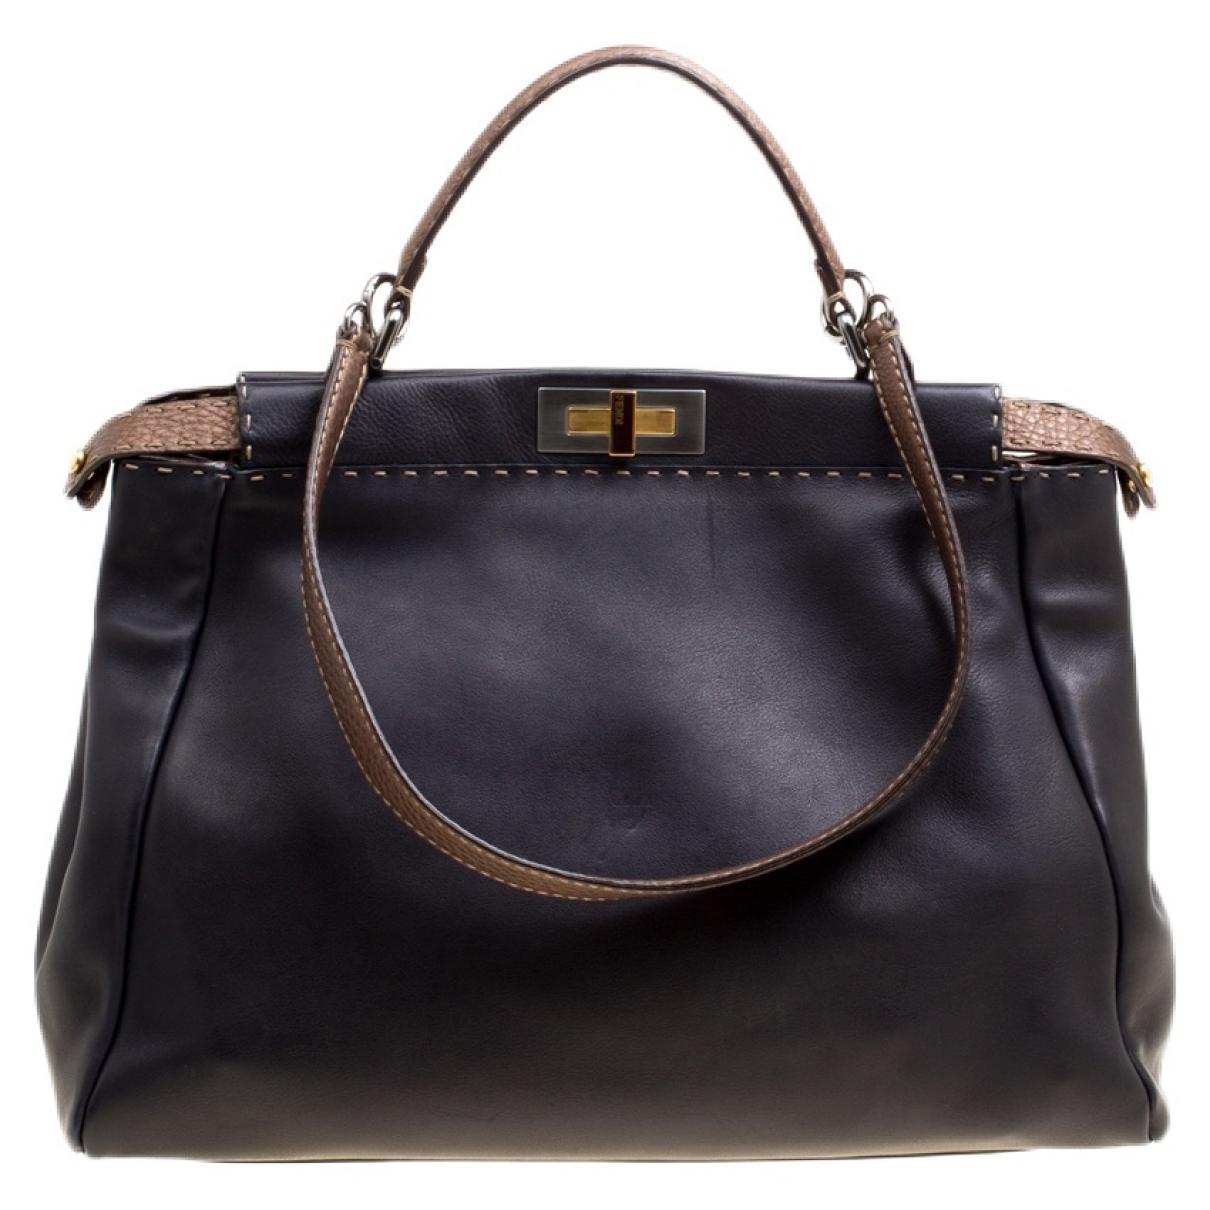 d57ae4781710 Lyst - Fendi Pre-owned Peekaboo Black Leather Handbags in Black